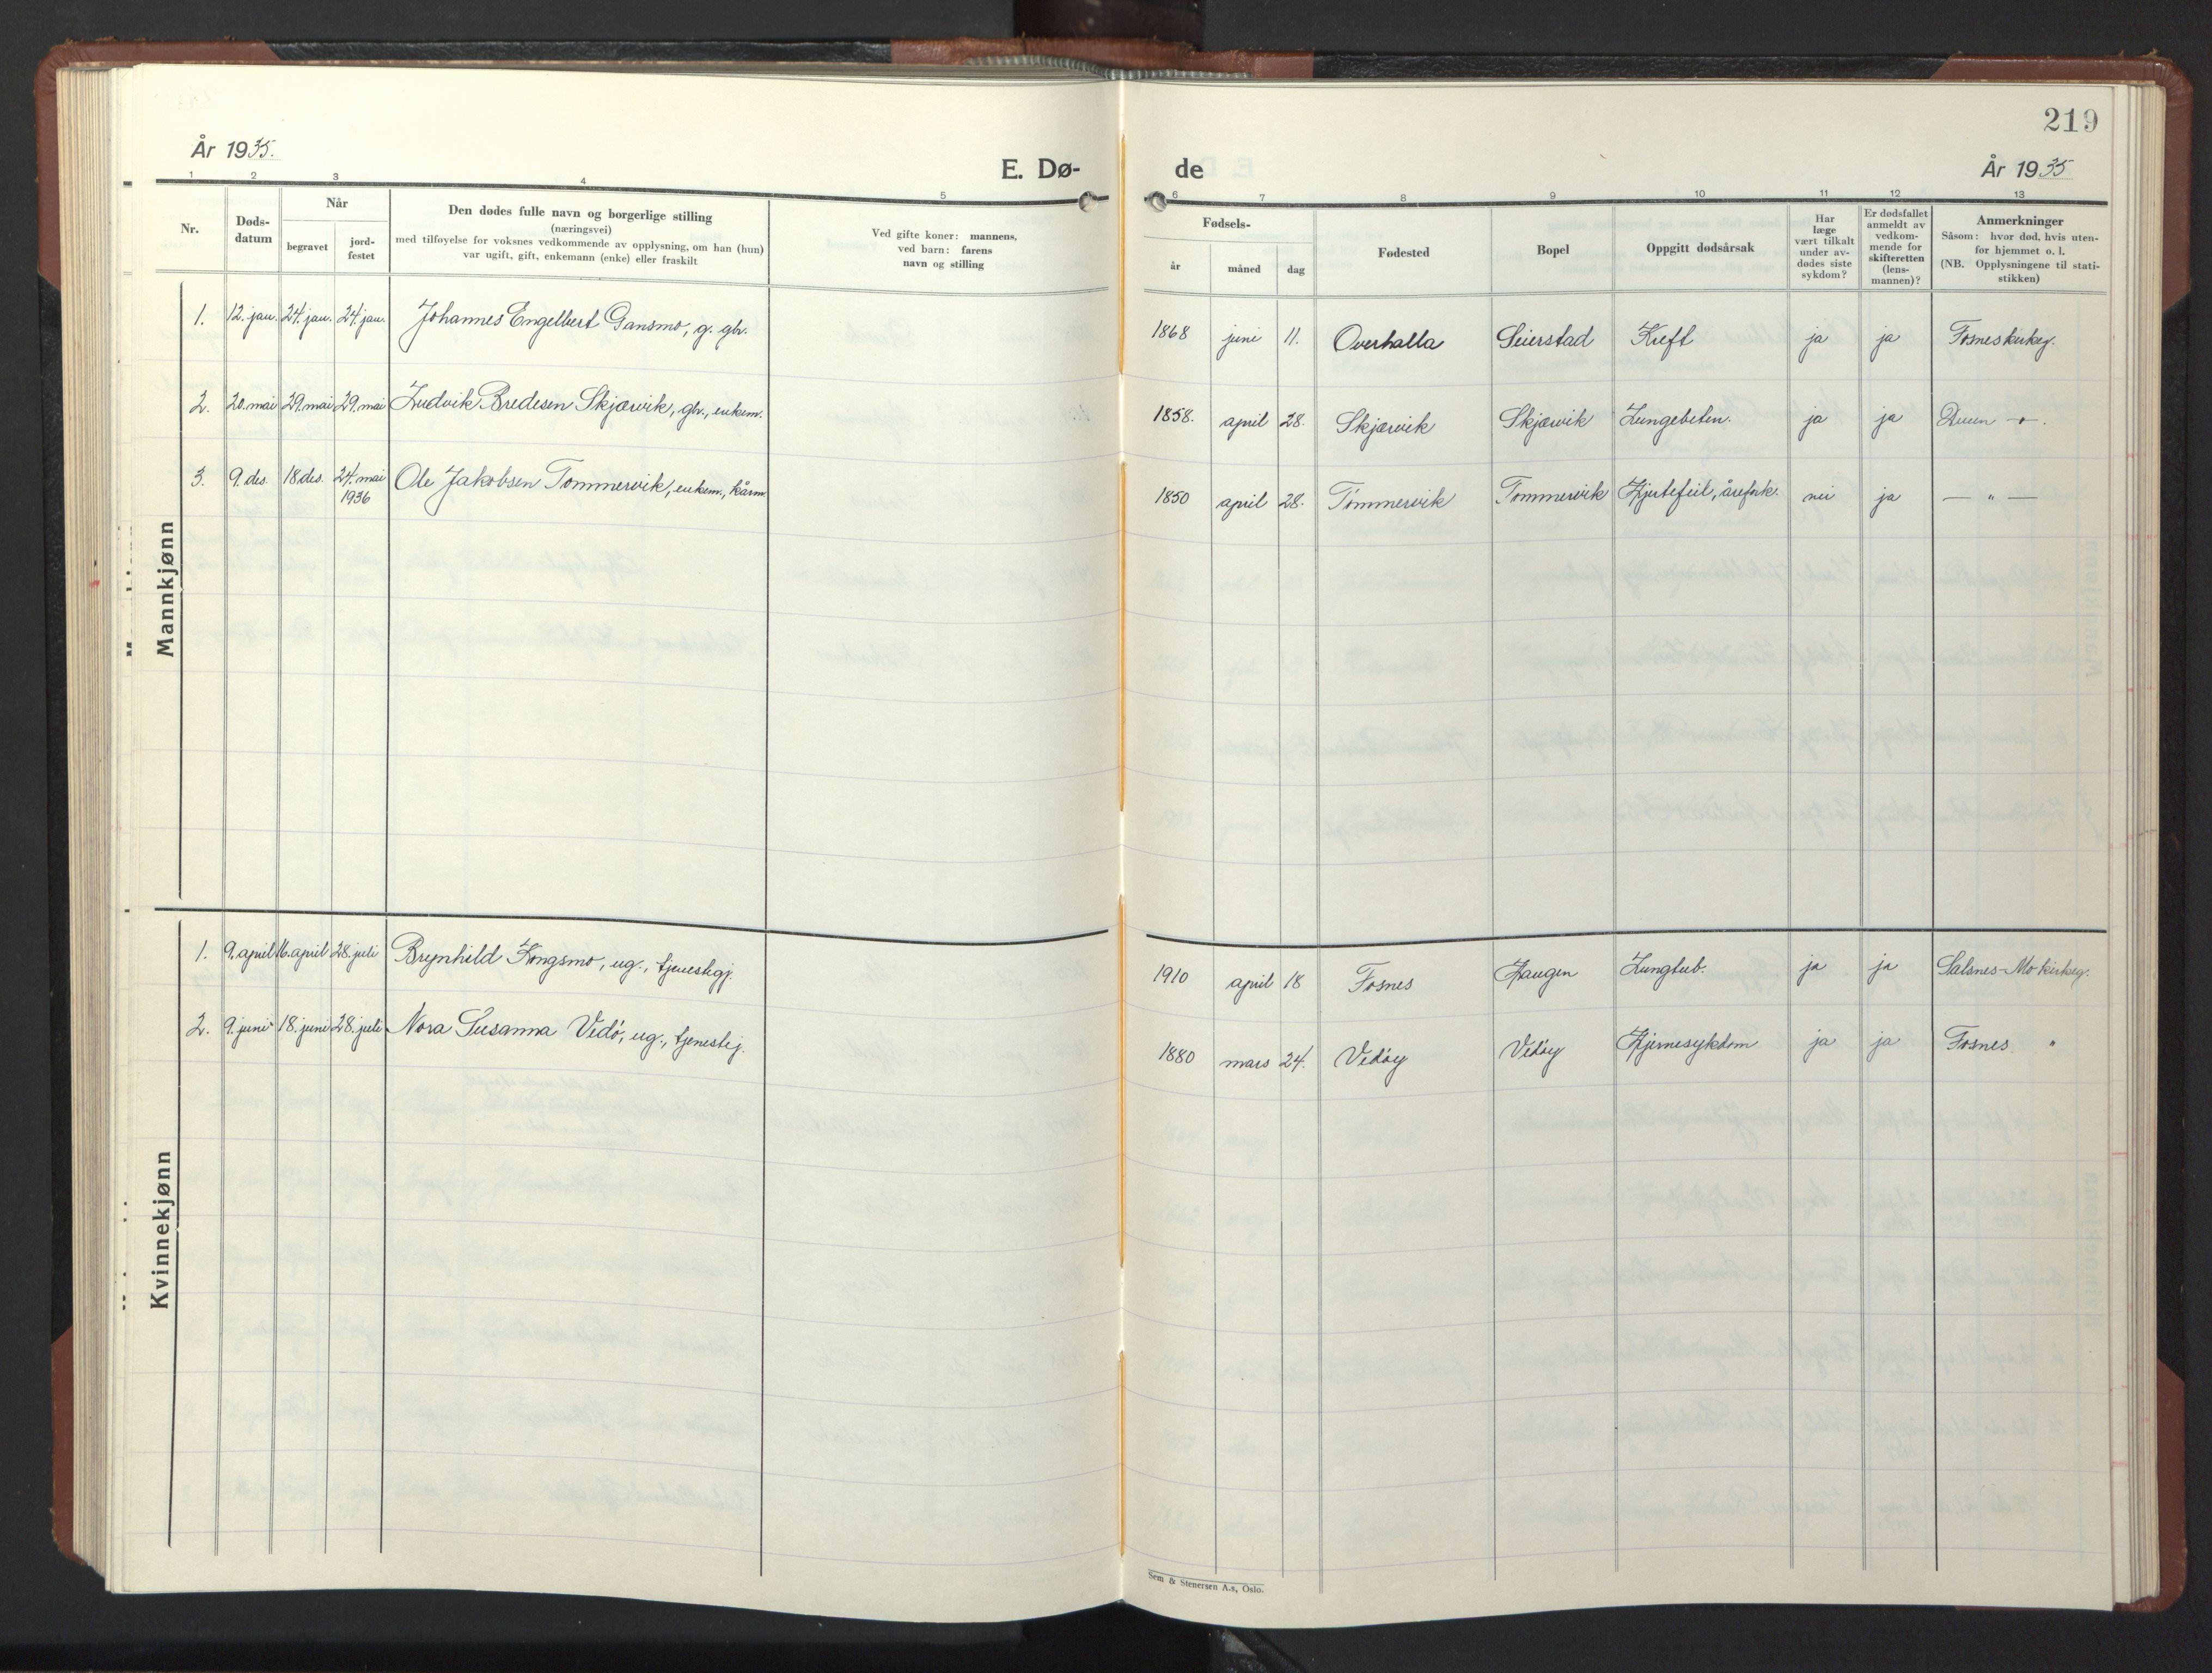 SAT, Ministerialprotokoller, klokkerbøker og fødselsregistre - Nord-Trøndelag, 773/L0625: Klokkerbok nr. 773C01, 1910-1952, s. 219